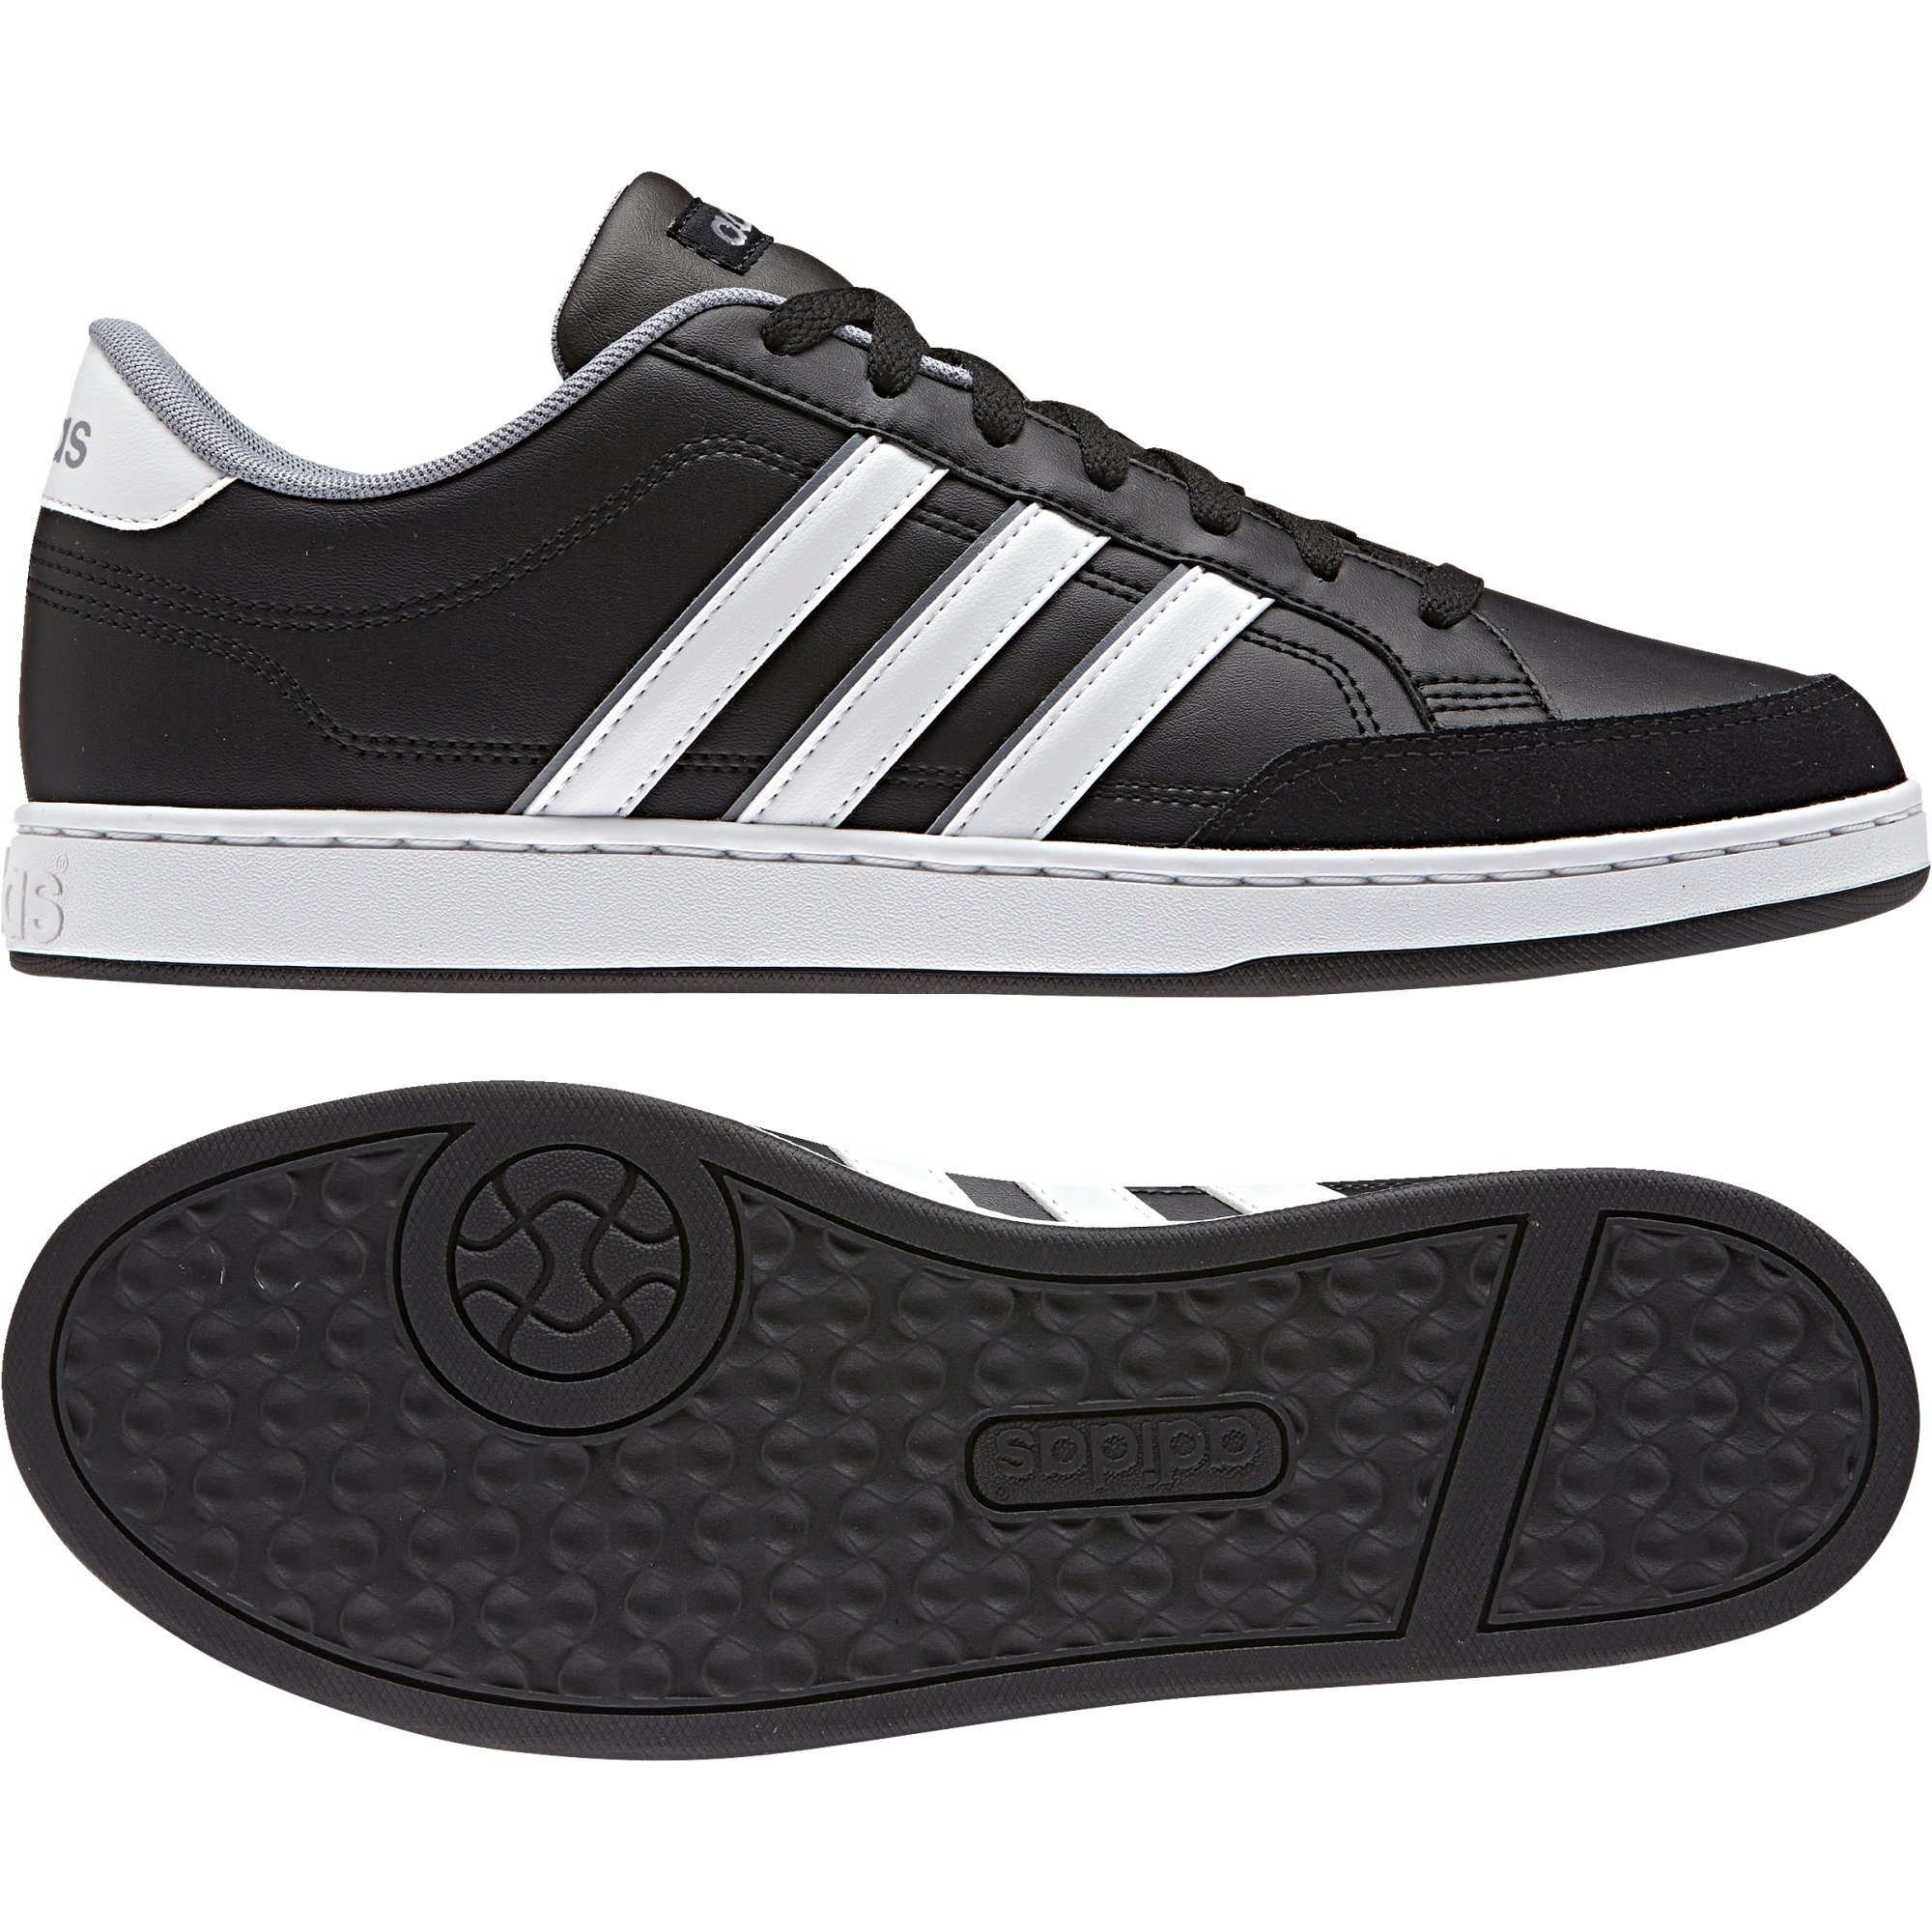 quality design 691d8 effdc ... order buty mskie adidas courtset r 46 f99257 0032a f5cc3